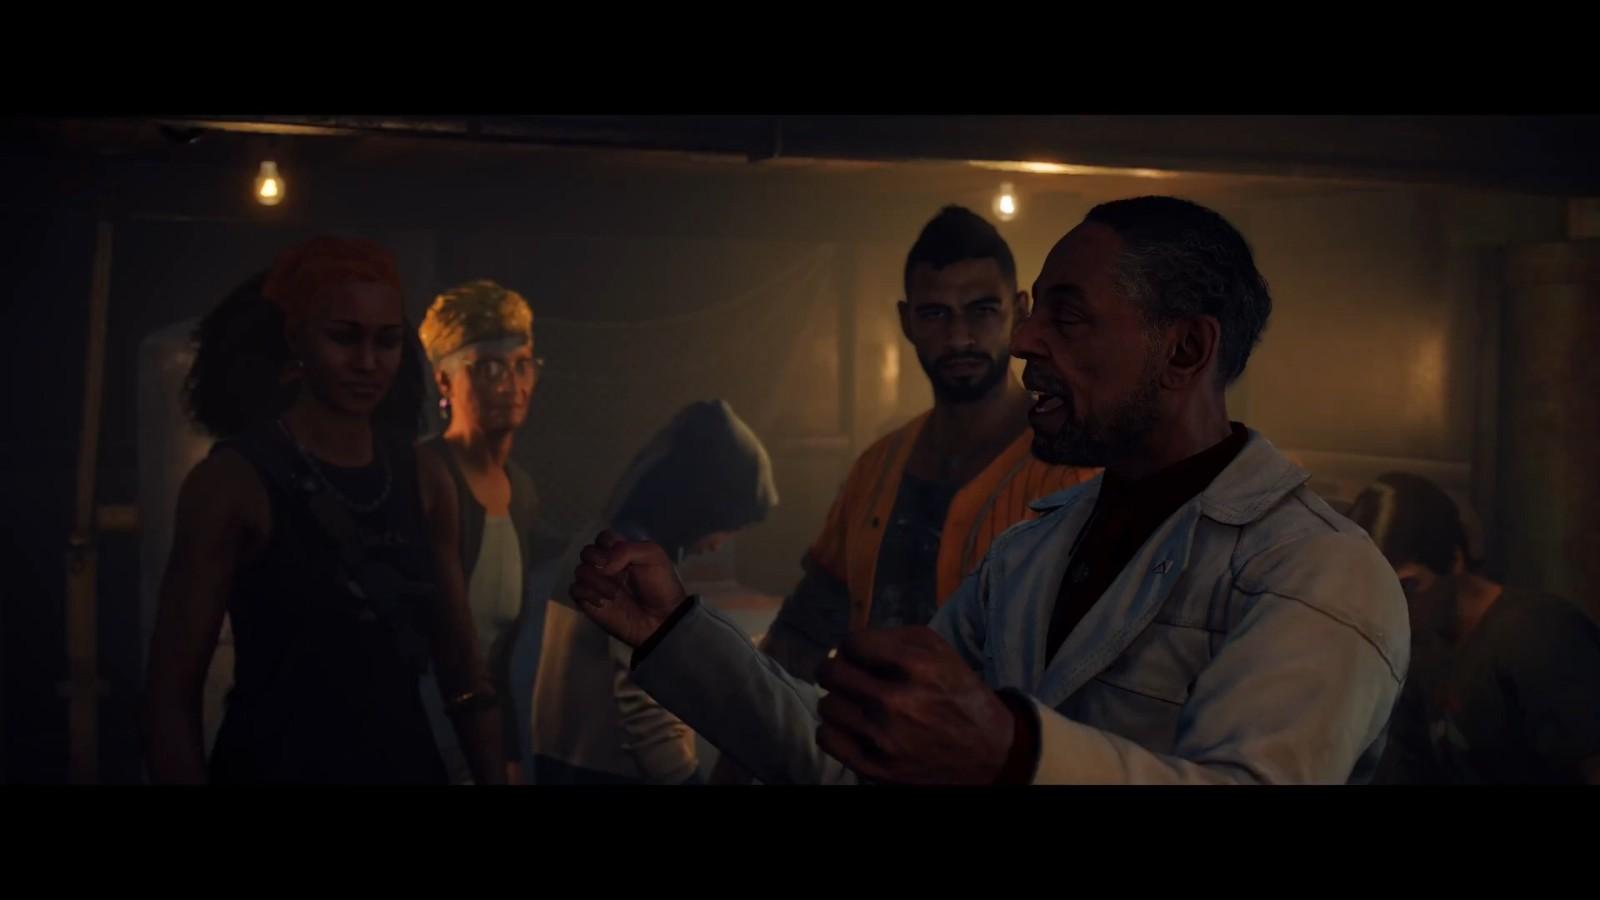 新冒险启程 《孤岛惊魂6》开场17分钟实机演示视频